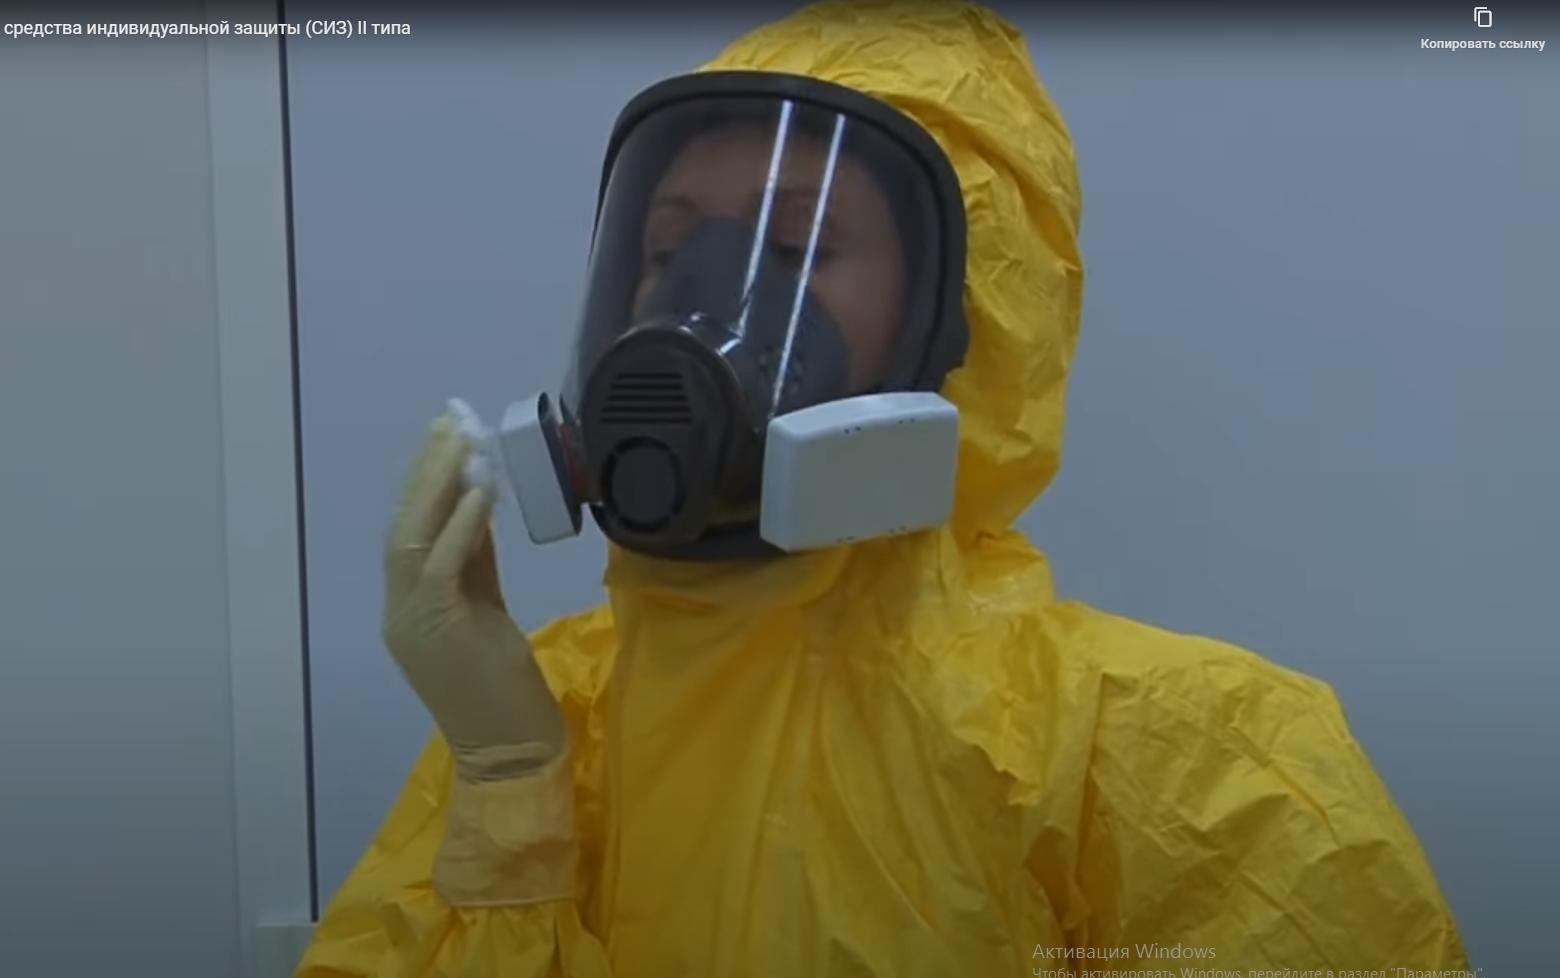 Роспотребнадзор выложил видео с надеванием противочумного костюма, в котором работают с COVID-19